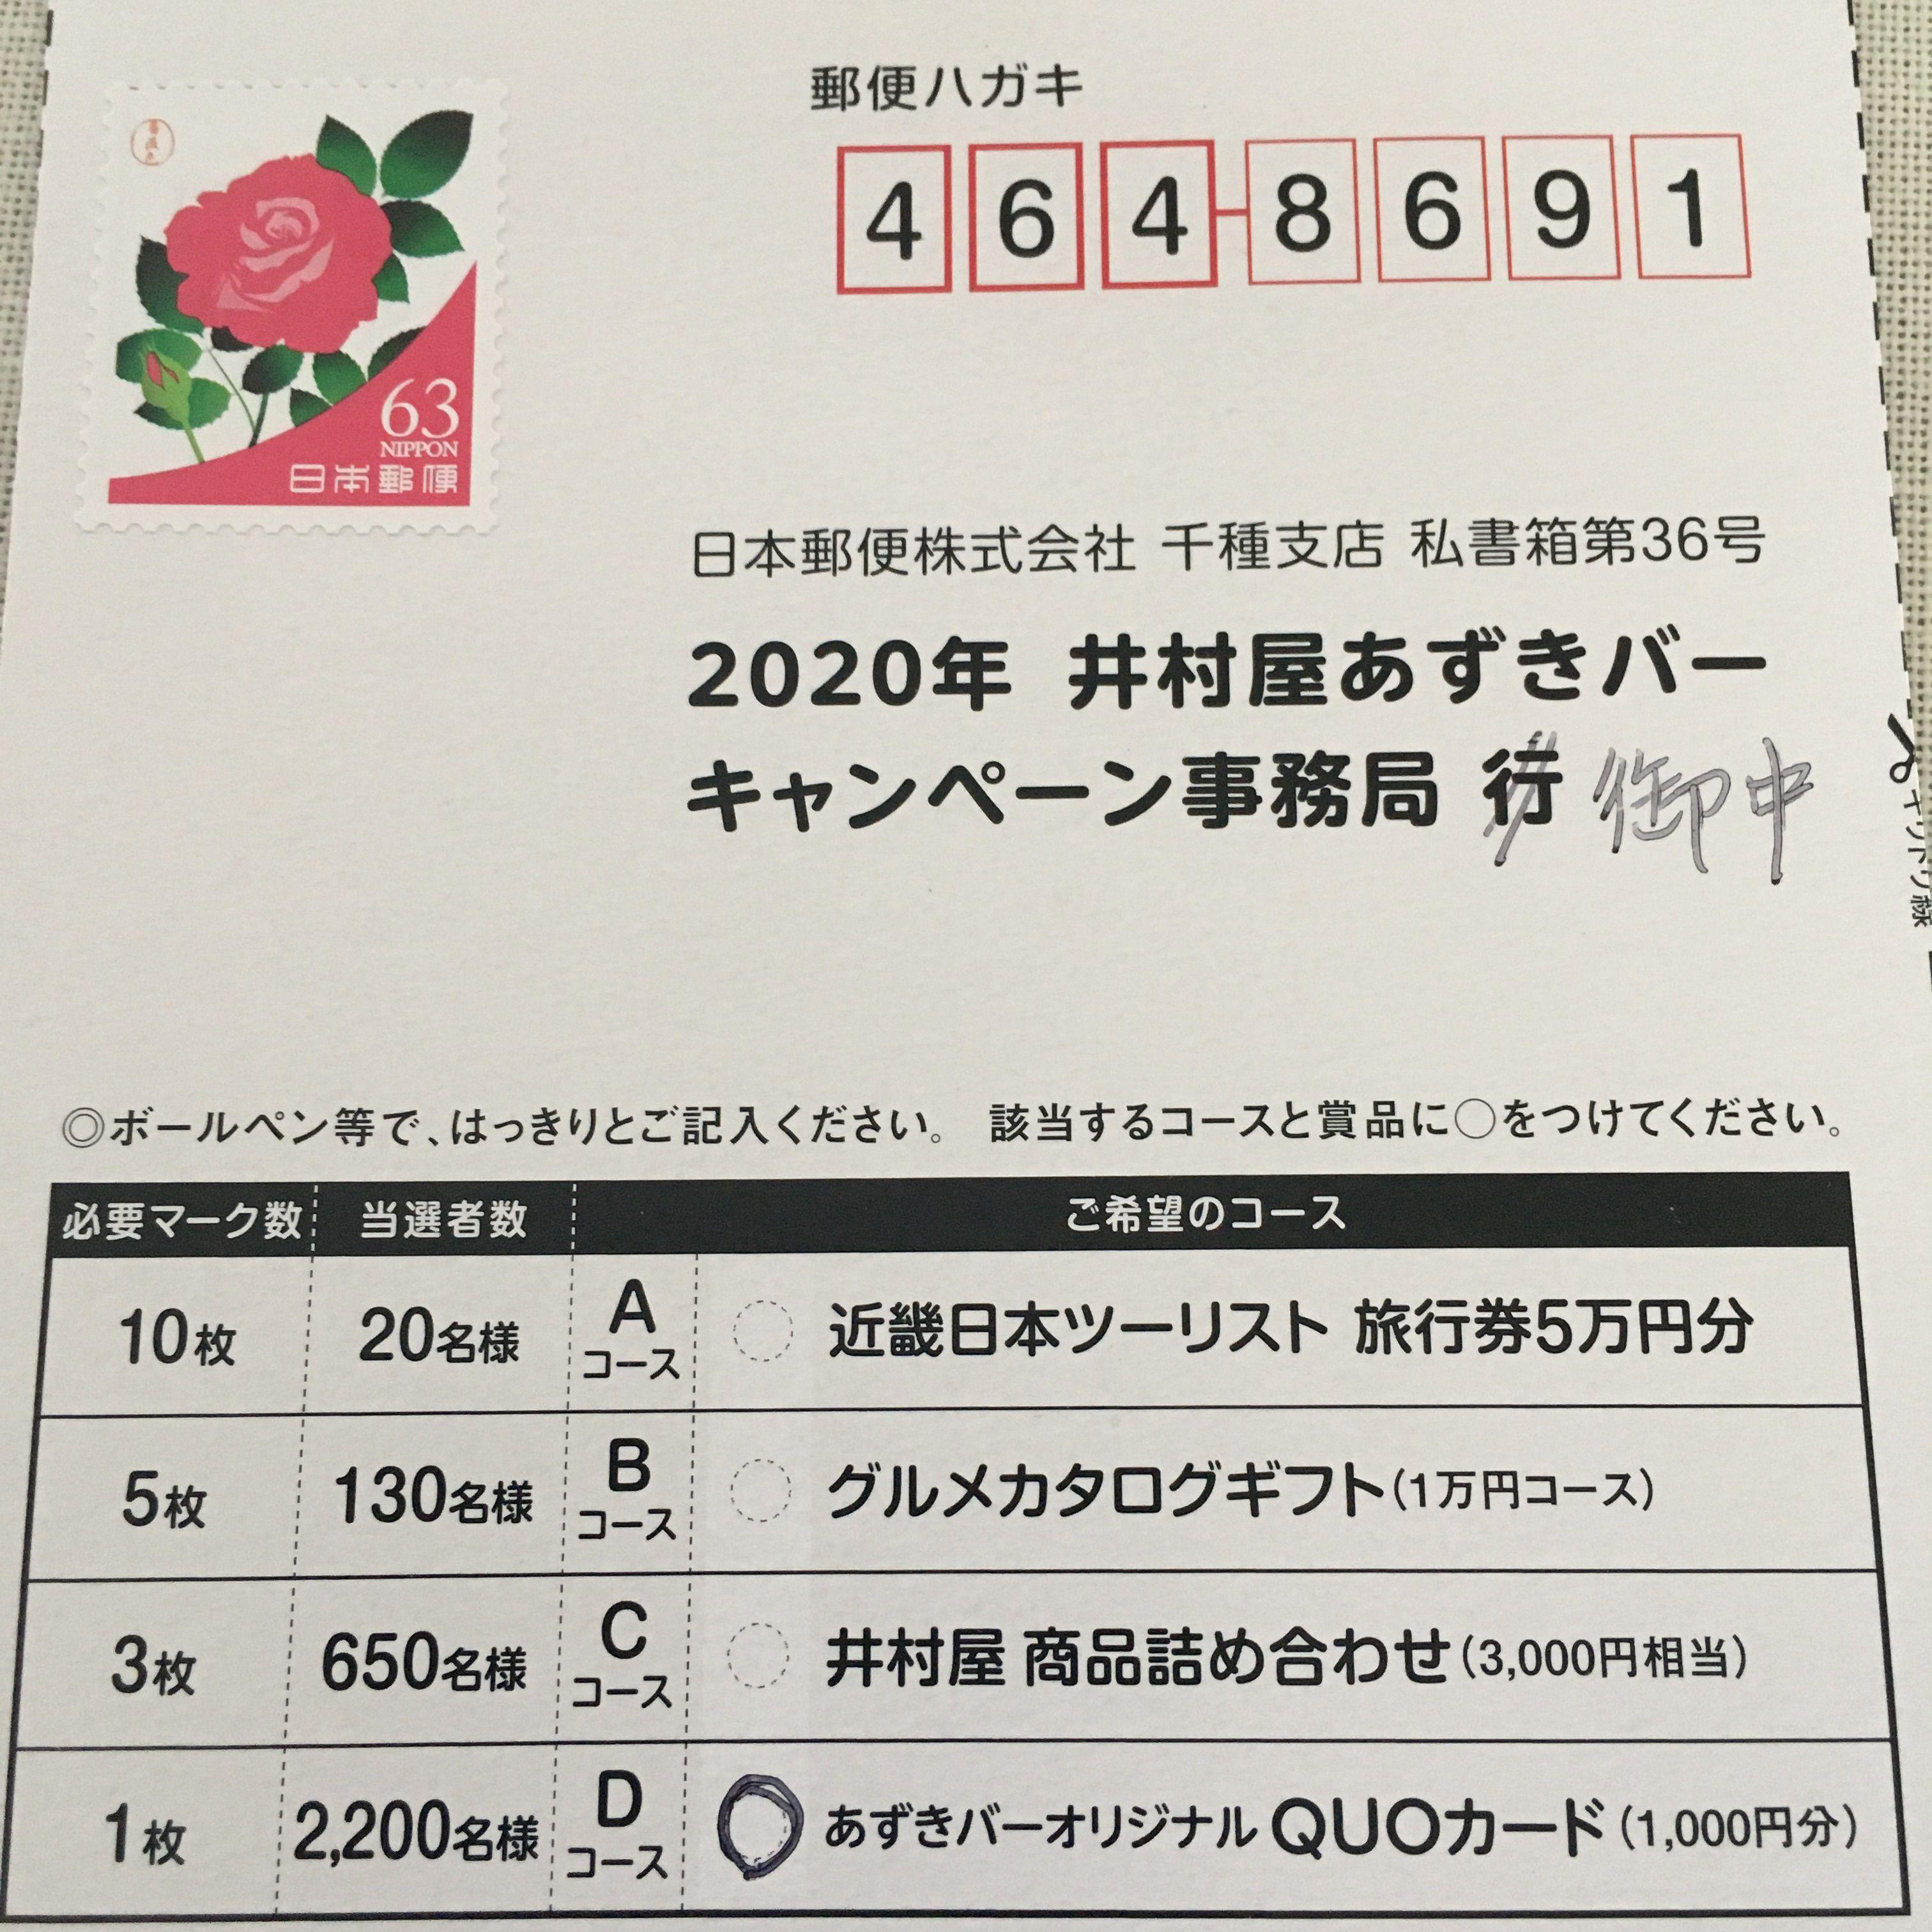 キャンペーン 井村 屋